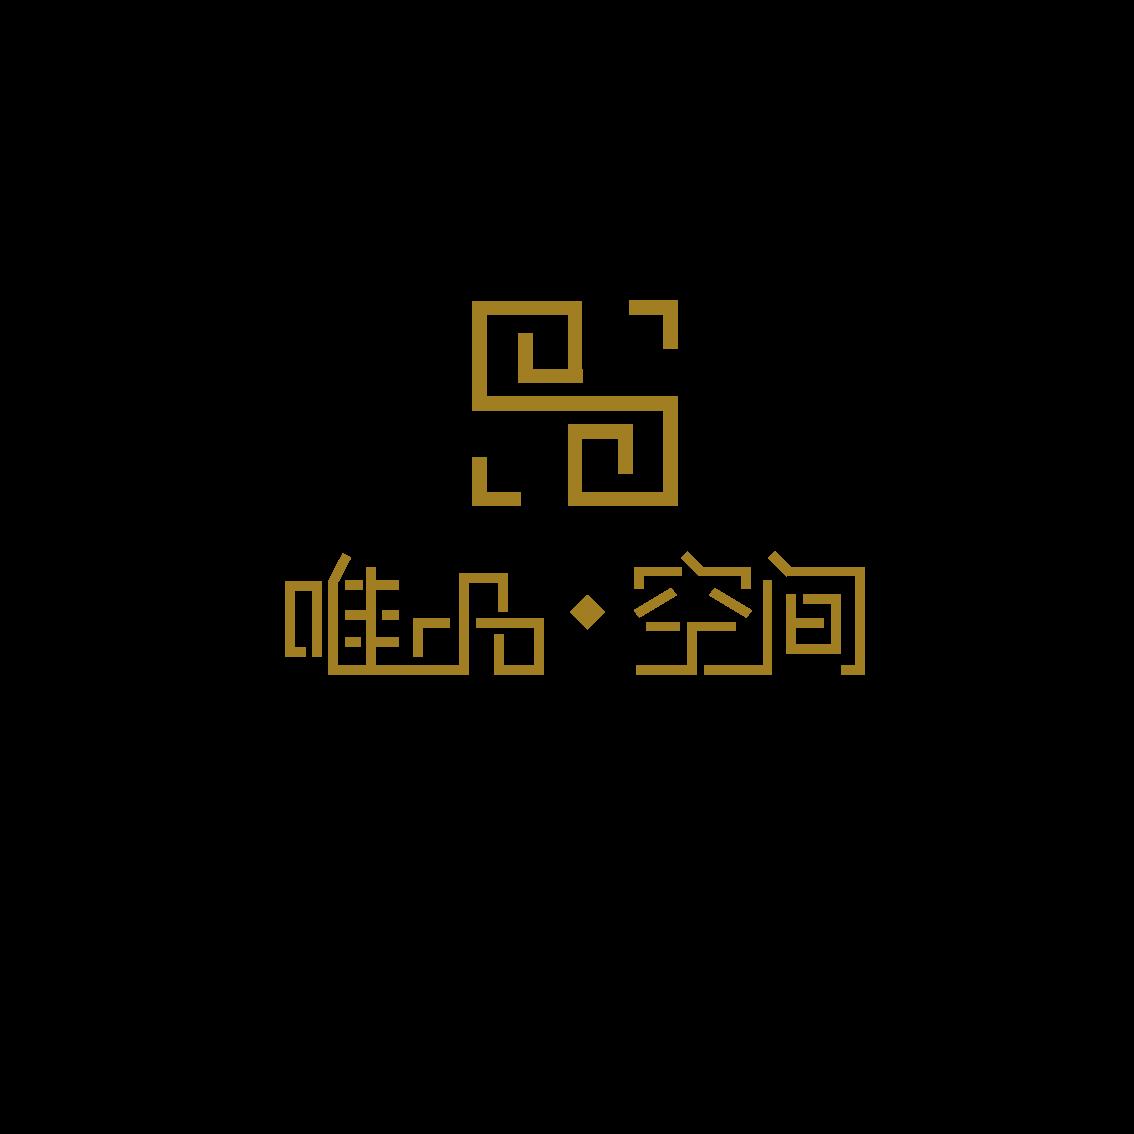 宿州市唯品装饰有限公司